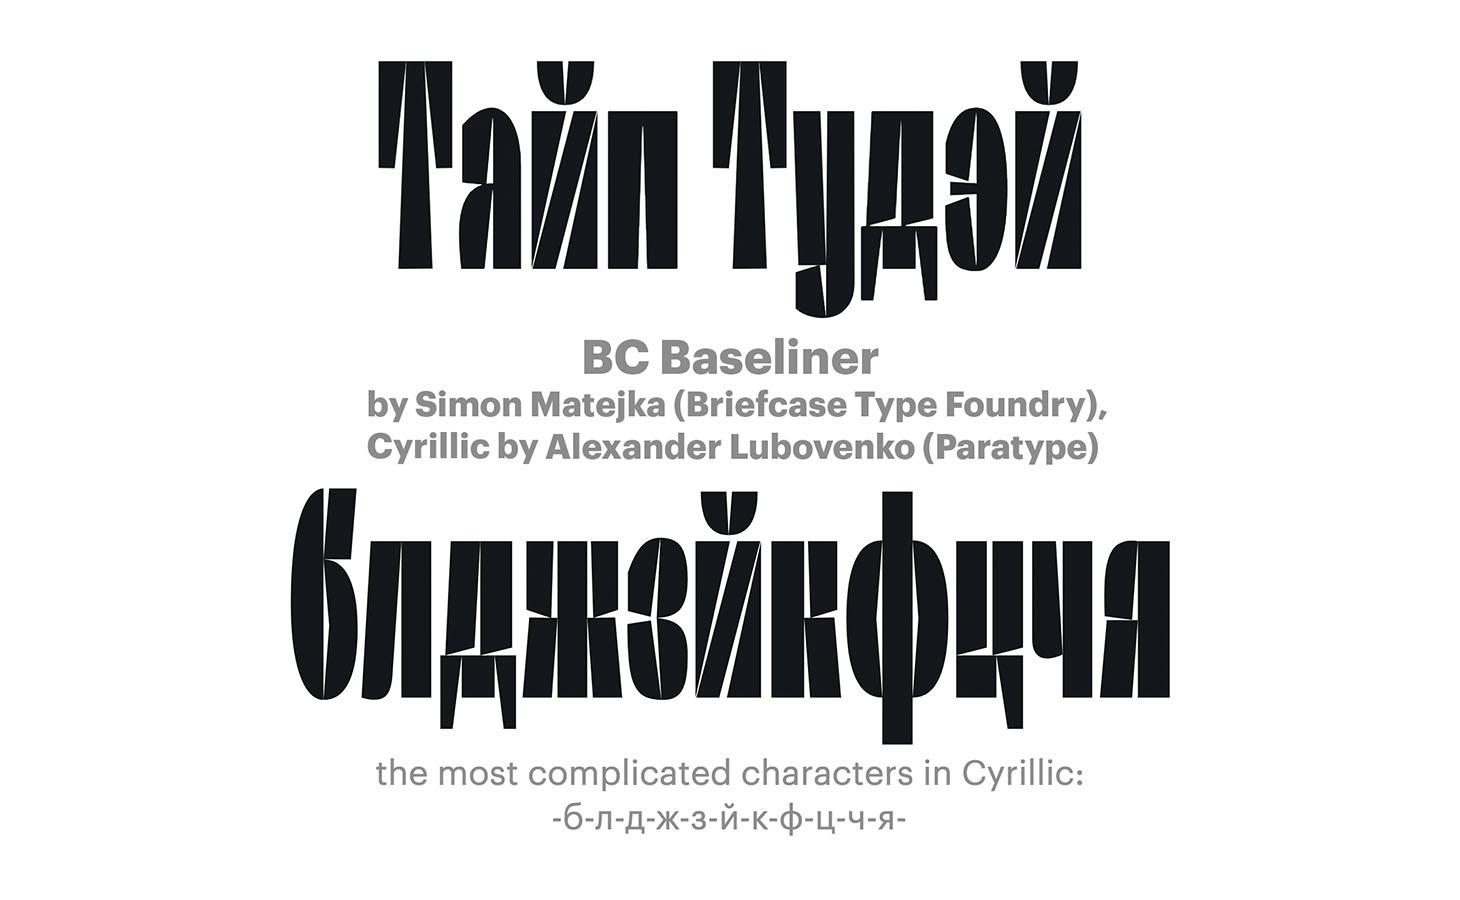 BC-Baseliner